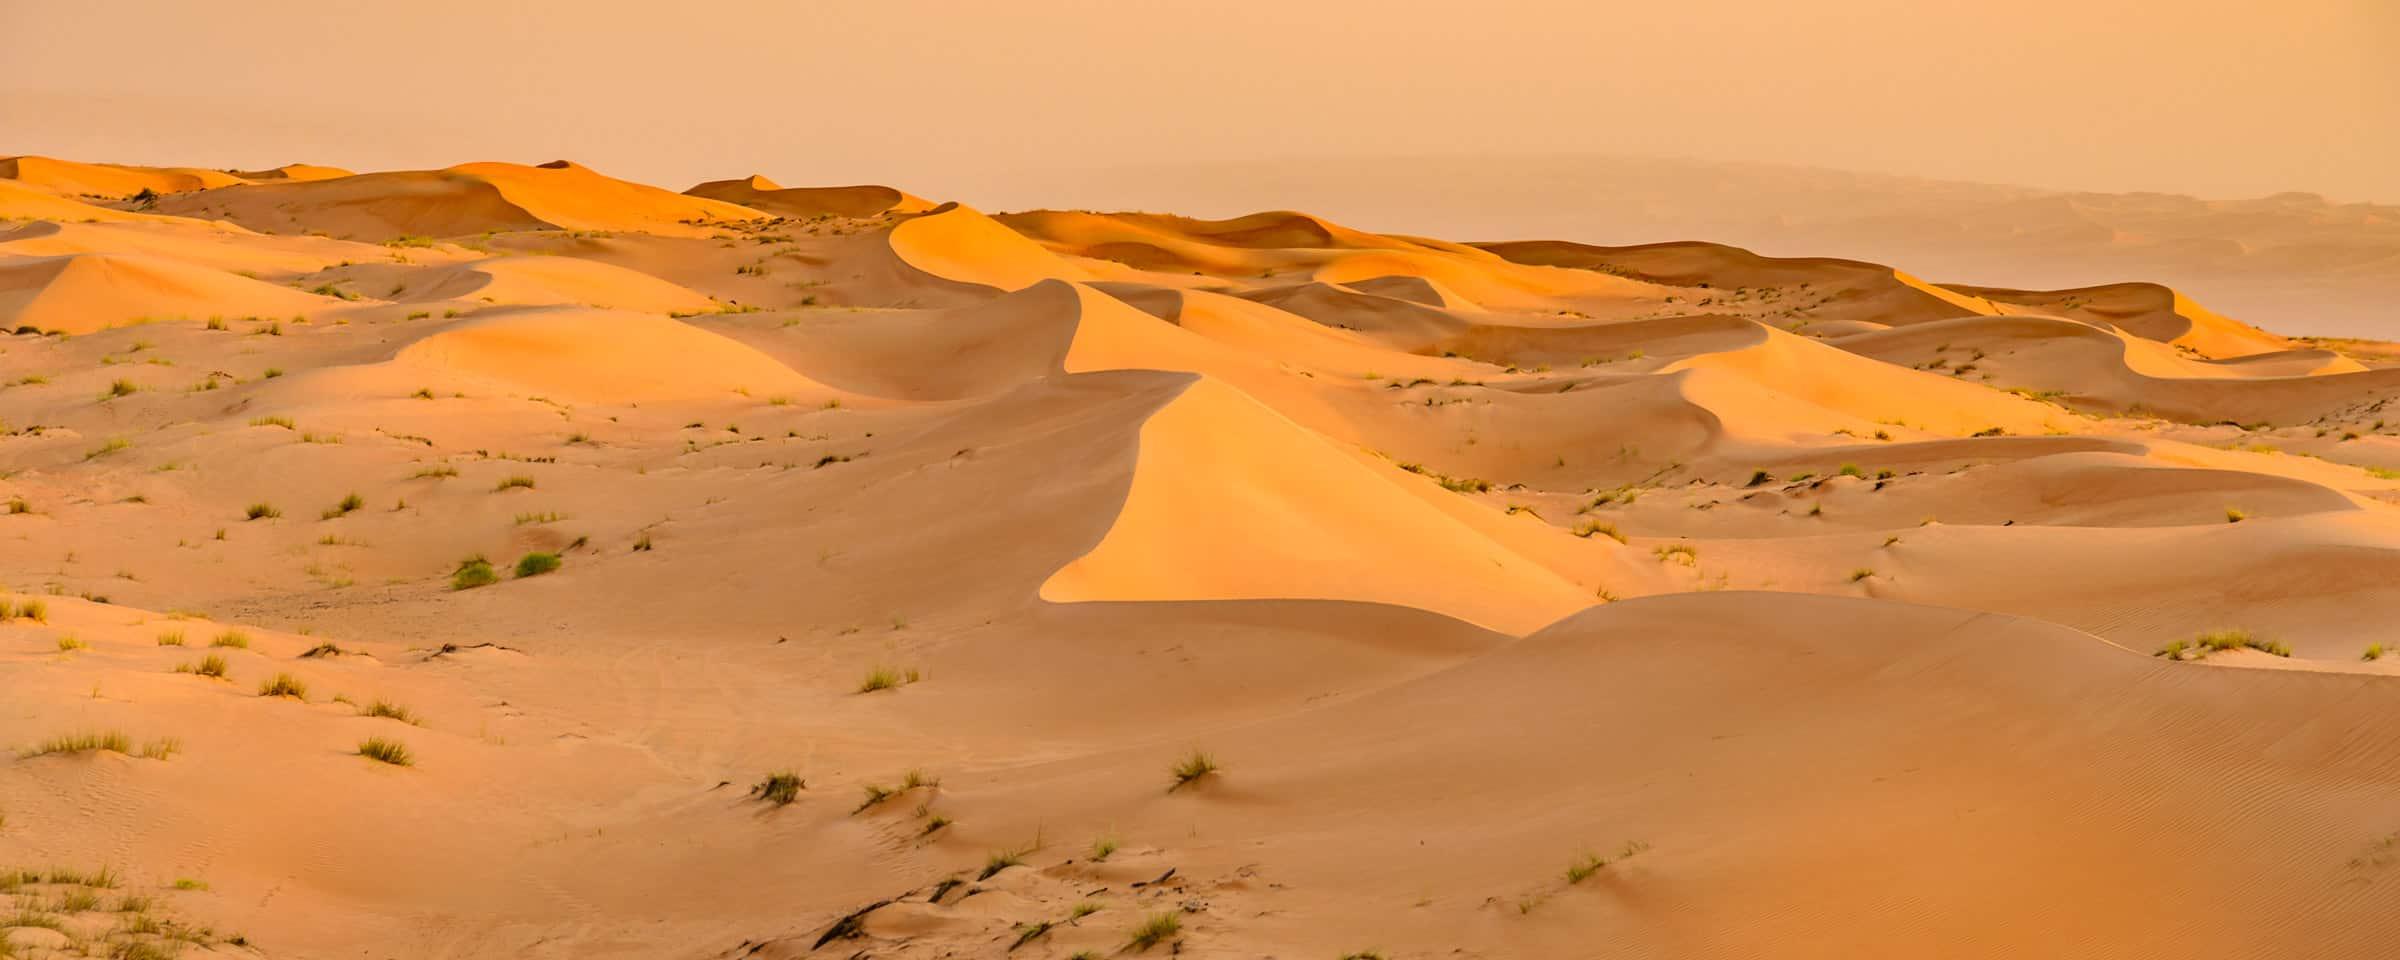 De woestijn van Oman